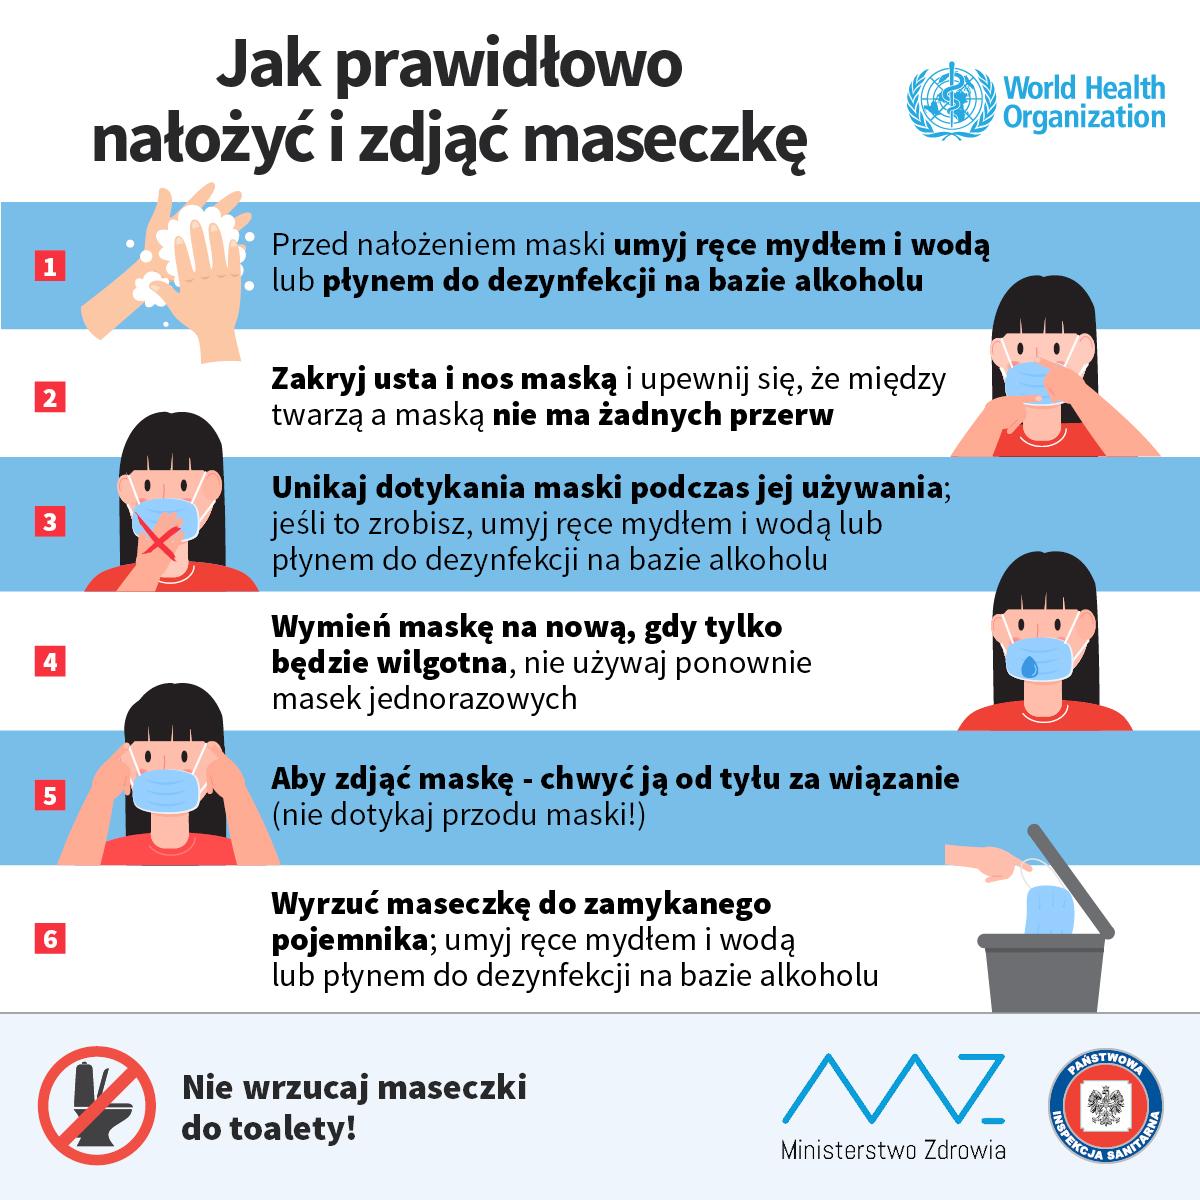 Jak prawidłowo nałożyć i zdjąć maseczkę? Źródło: www.szpitalepomorskie.eu